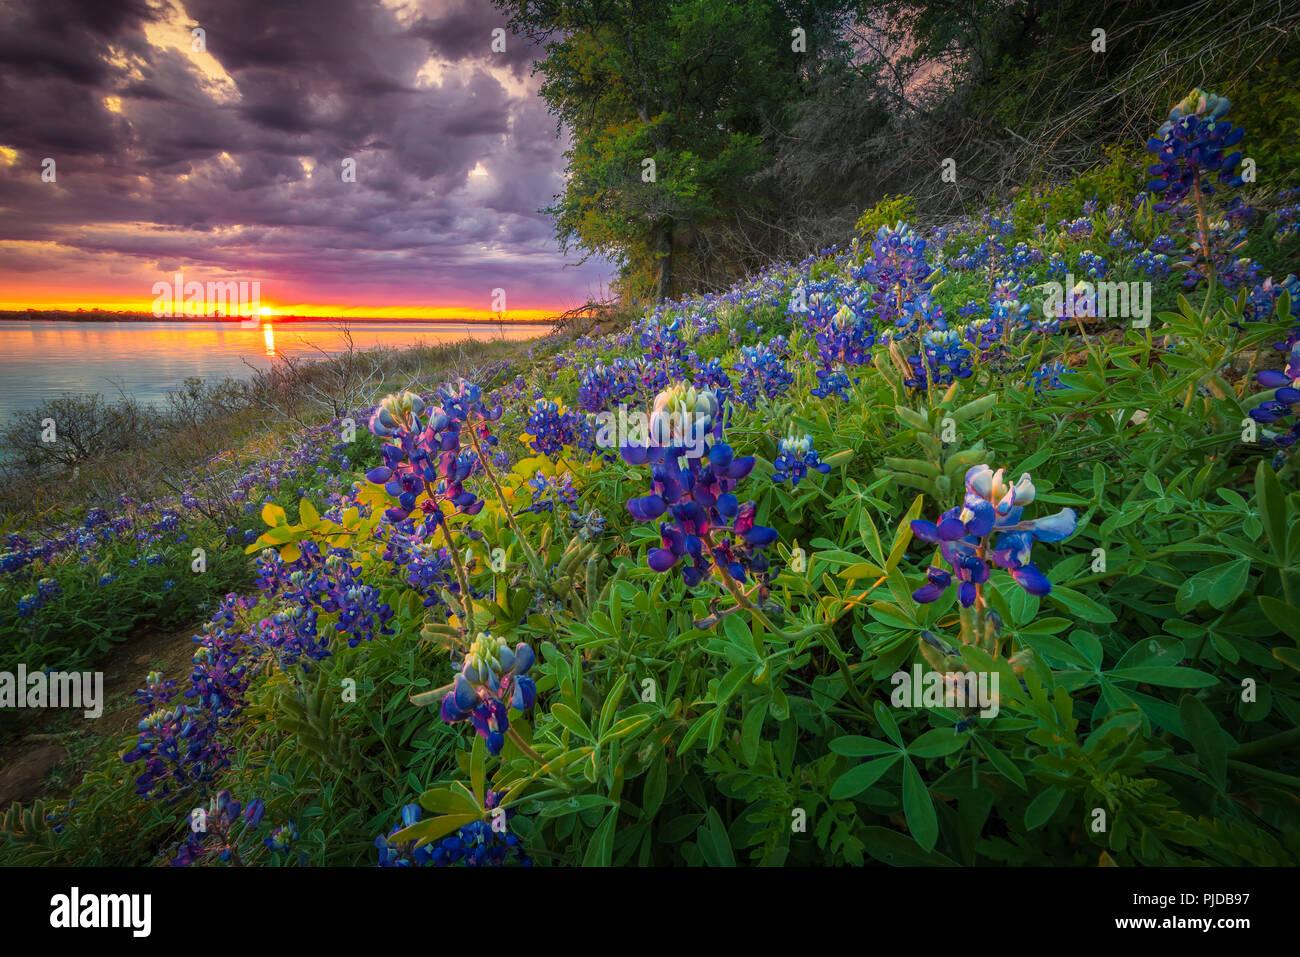 Bluebonnets a Grapevine lago nel nord Texas. Lupinus texensis, il Texas bluebonnet, è una specie endemica di lupino in Texas. Immagini Stock